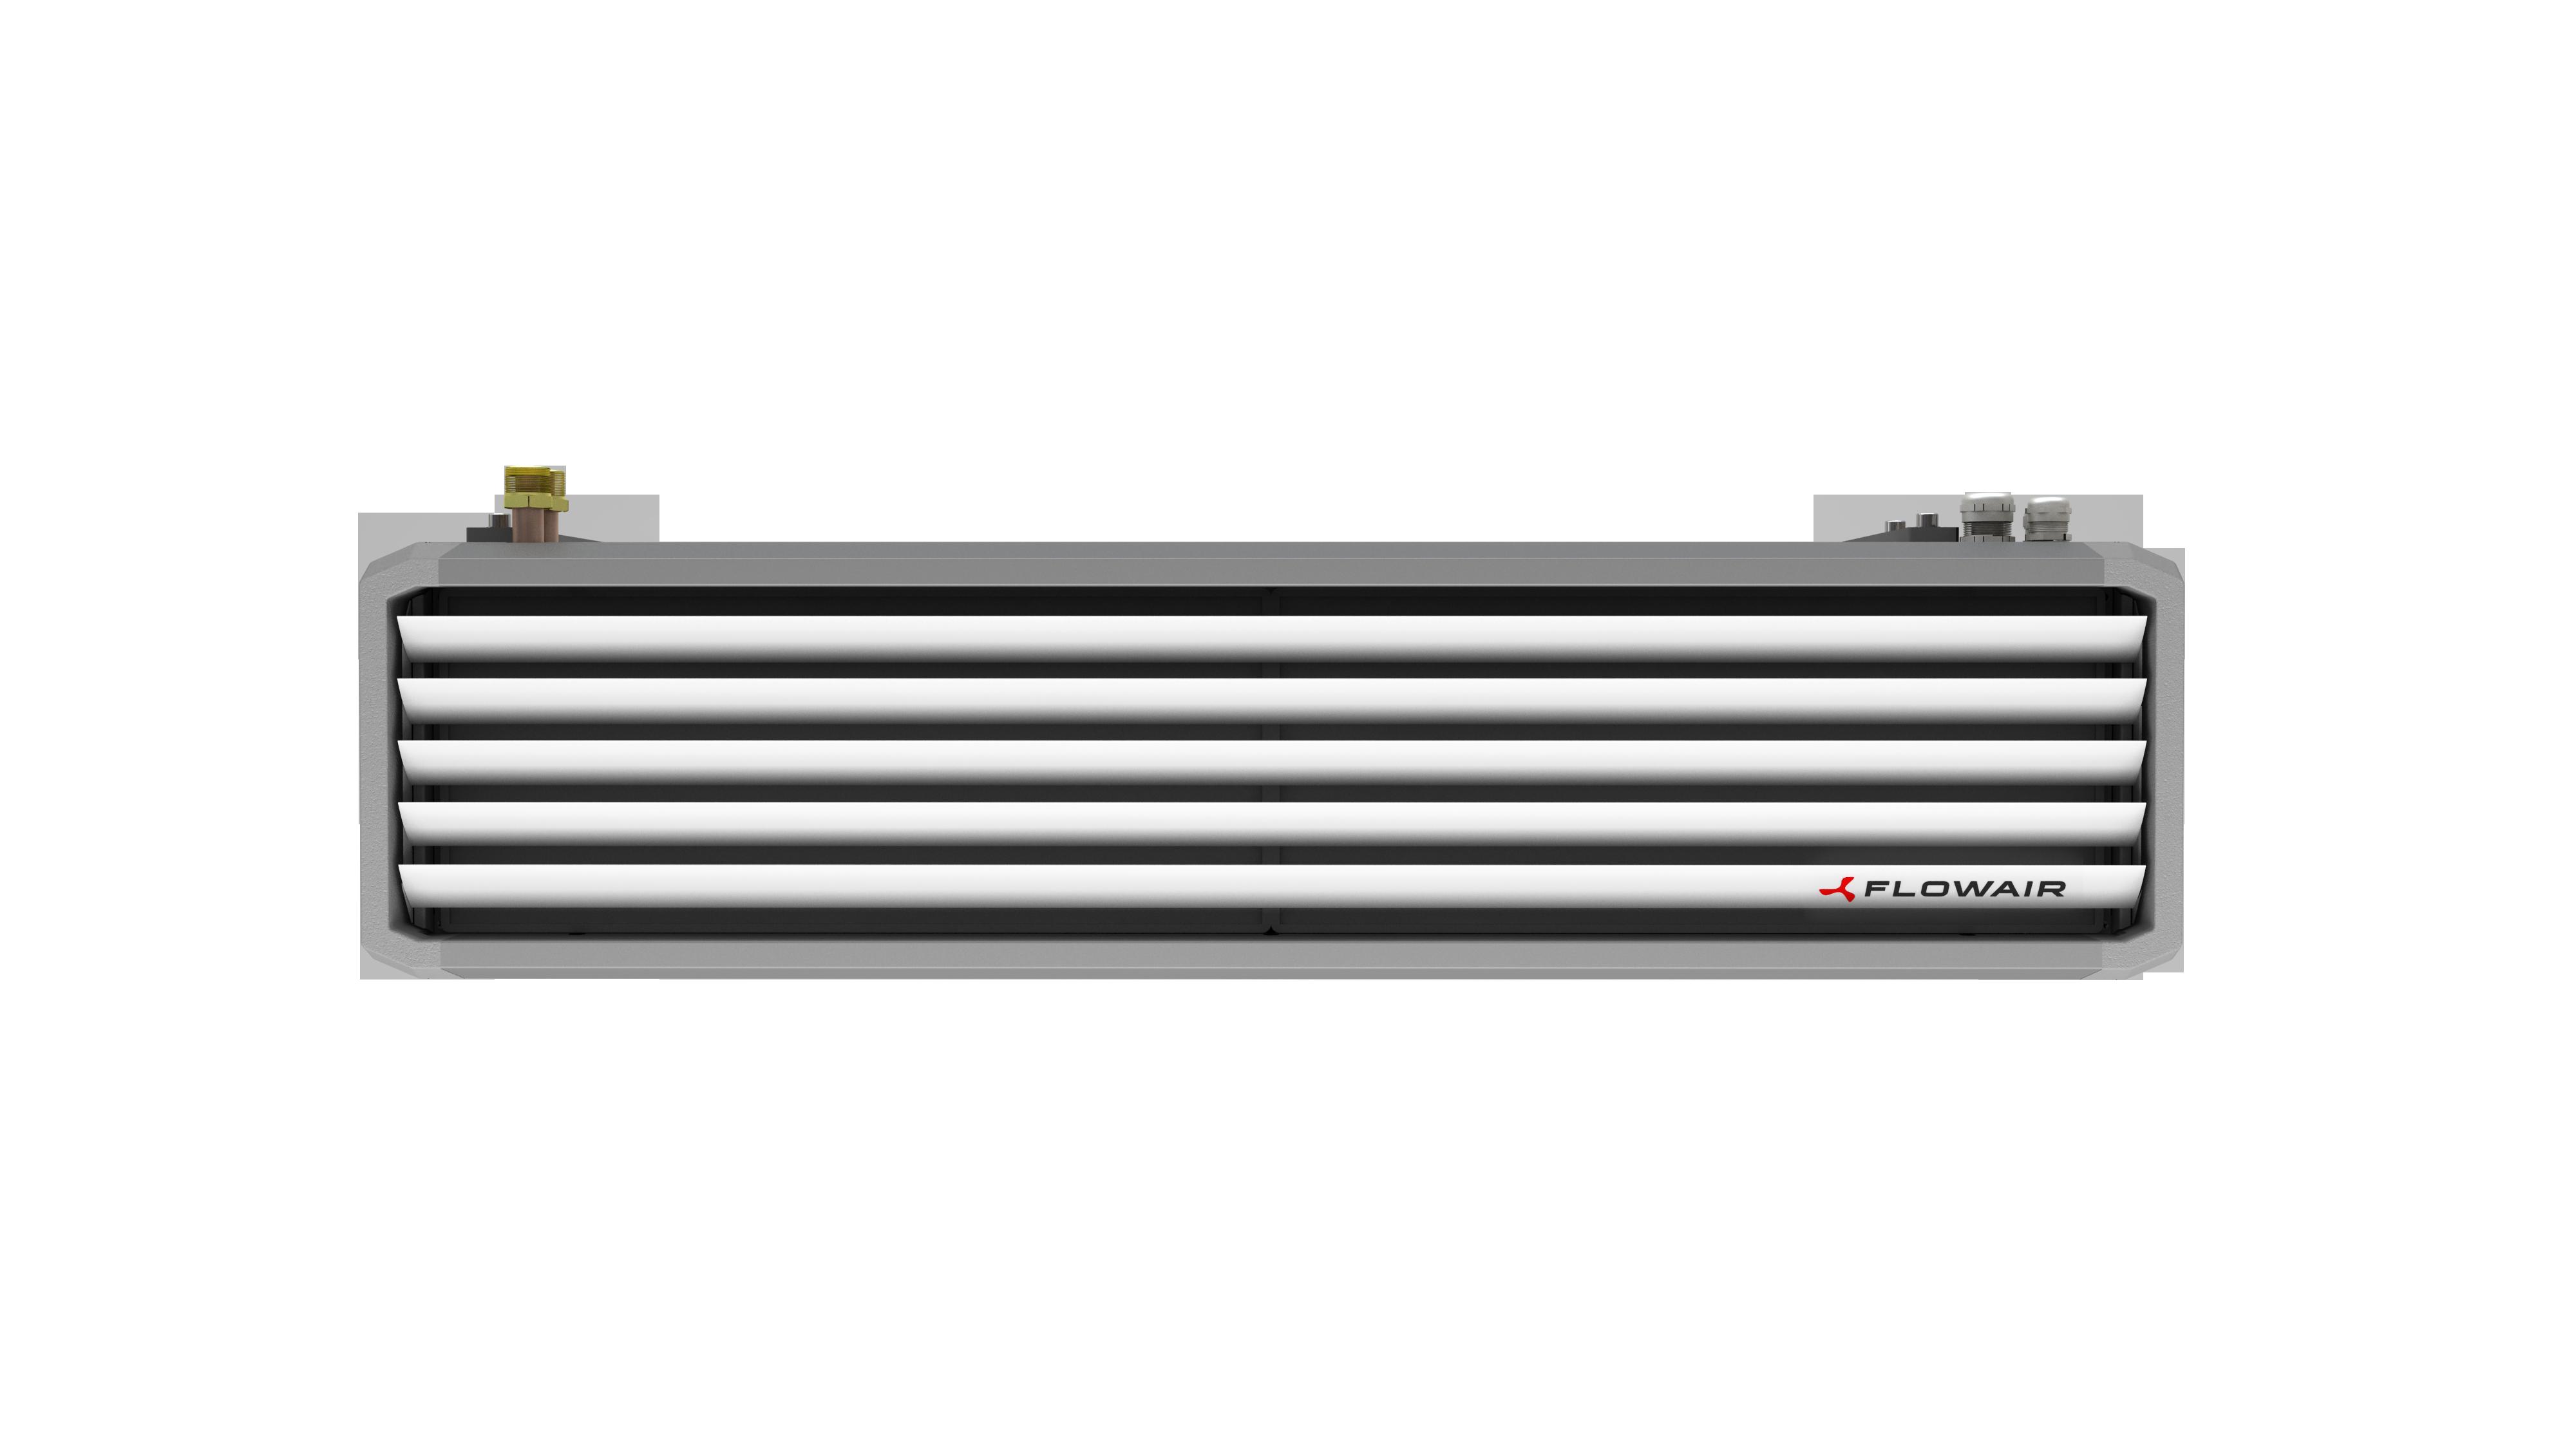 Монтажная консоль FLOWAIR вертикальная для ELiS T 100, 150, 200